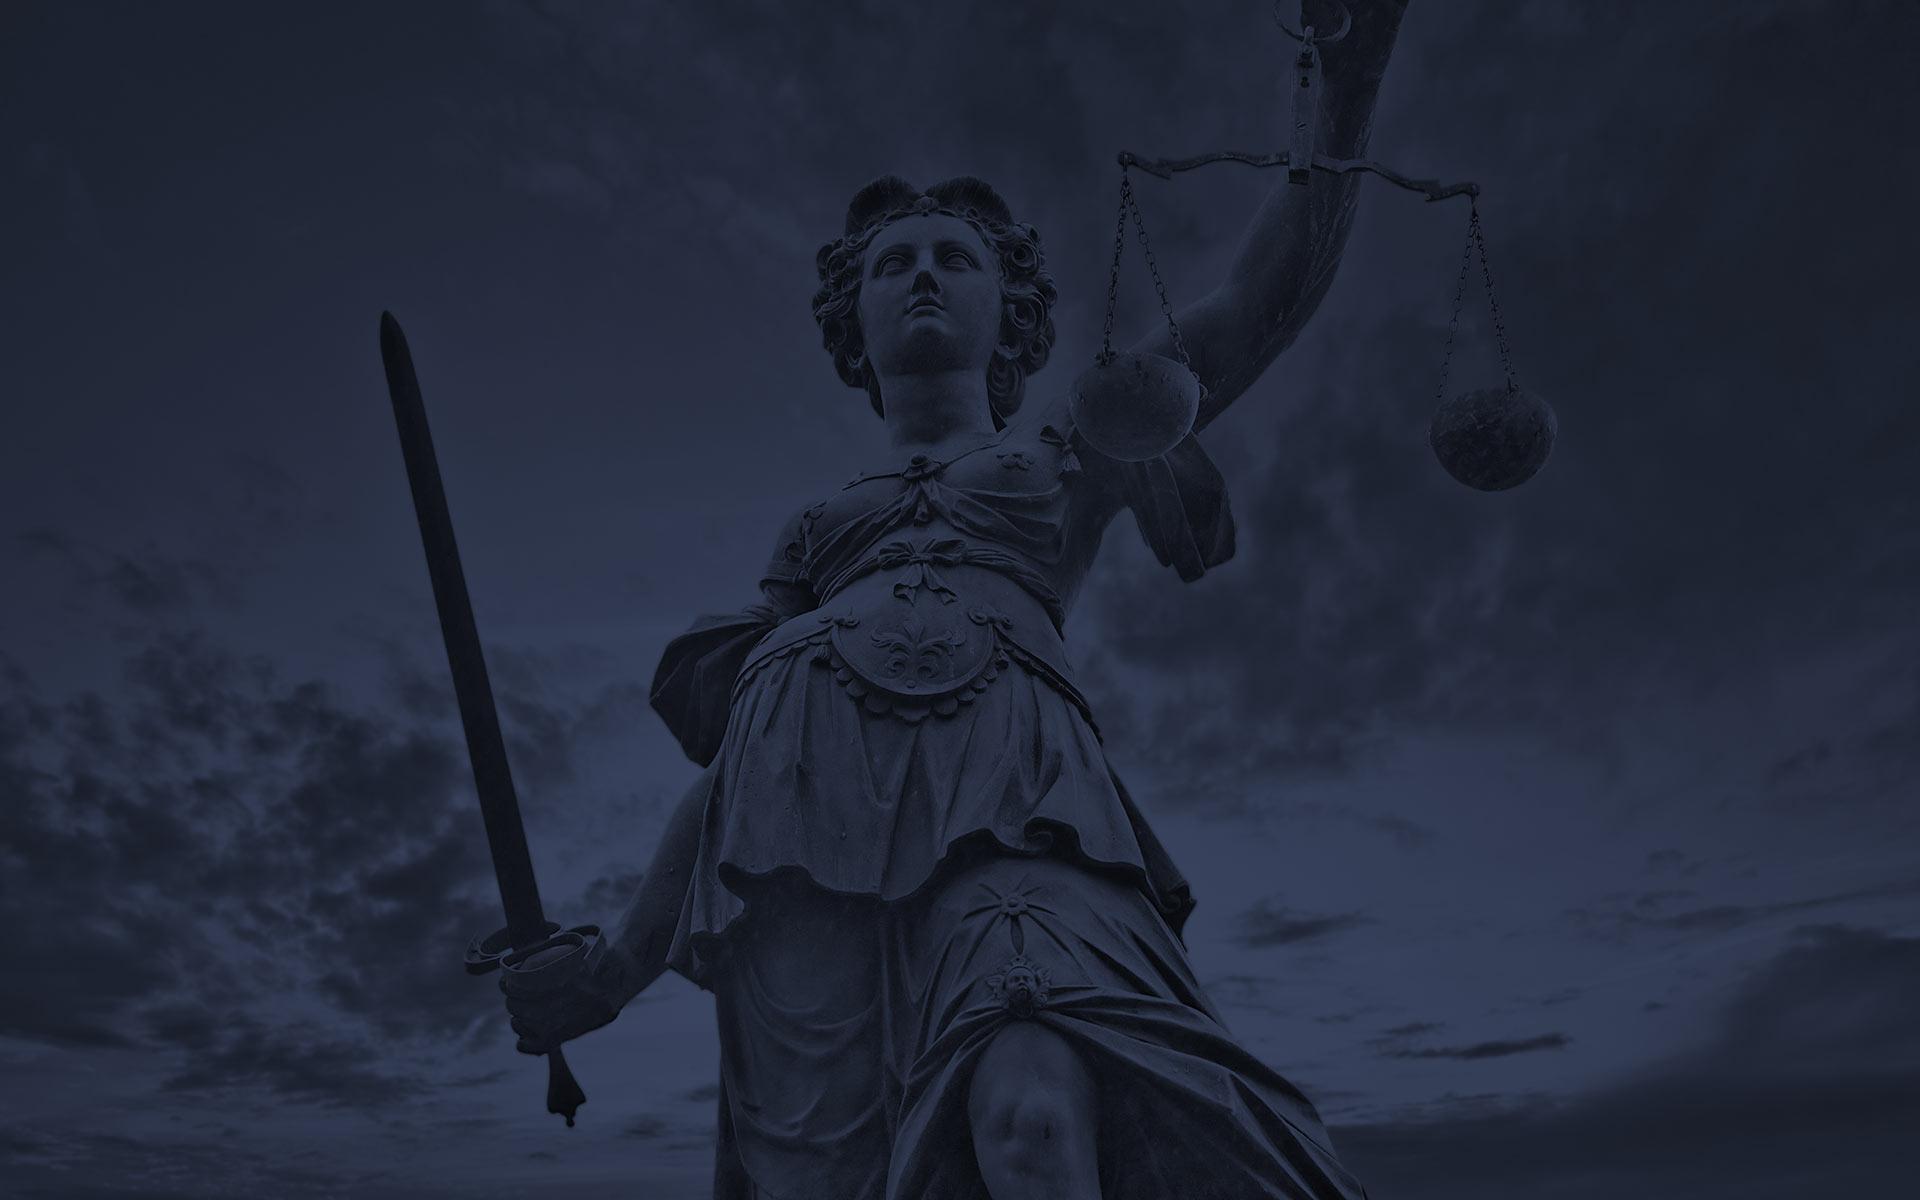 юридическая консультация на тушинской